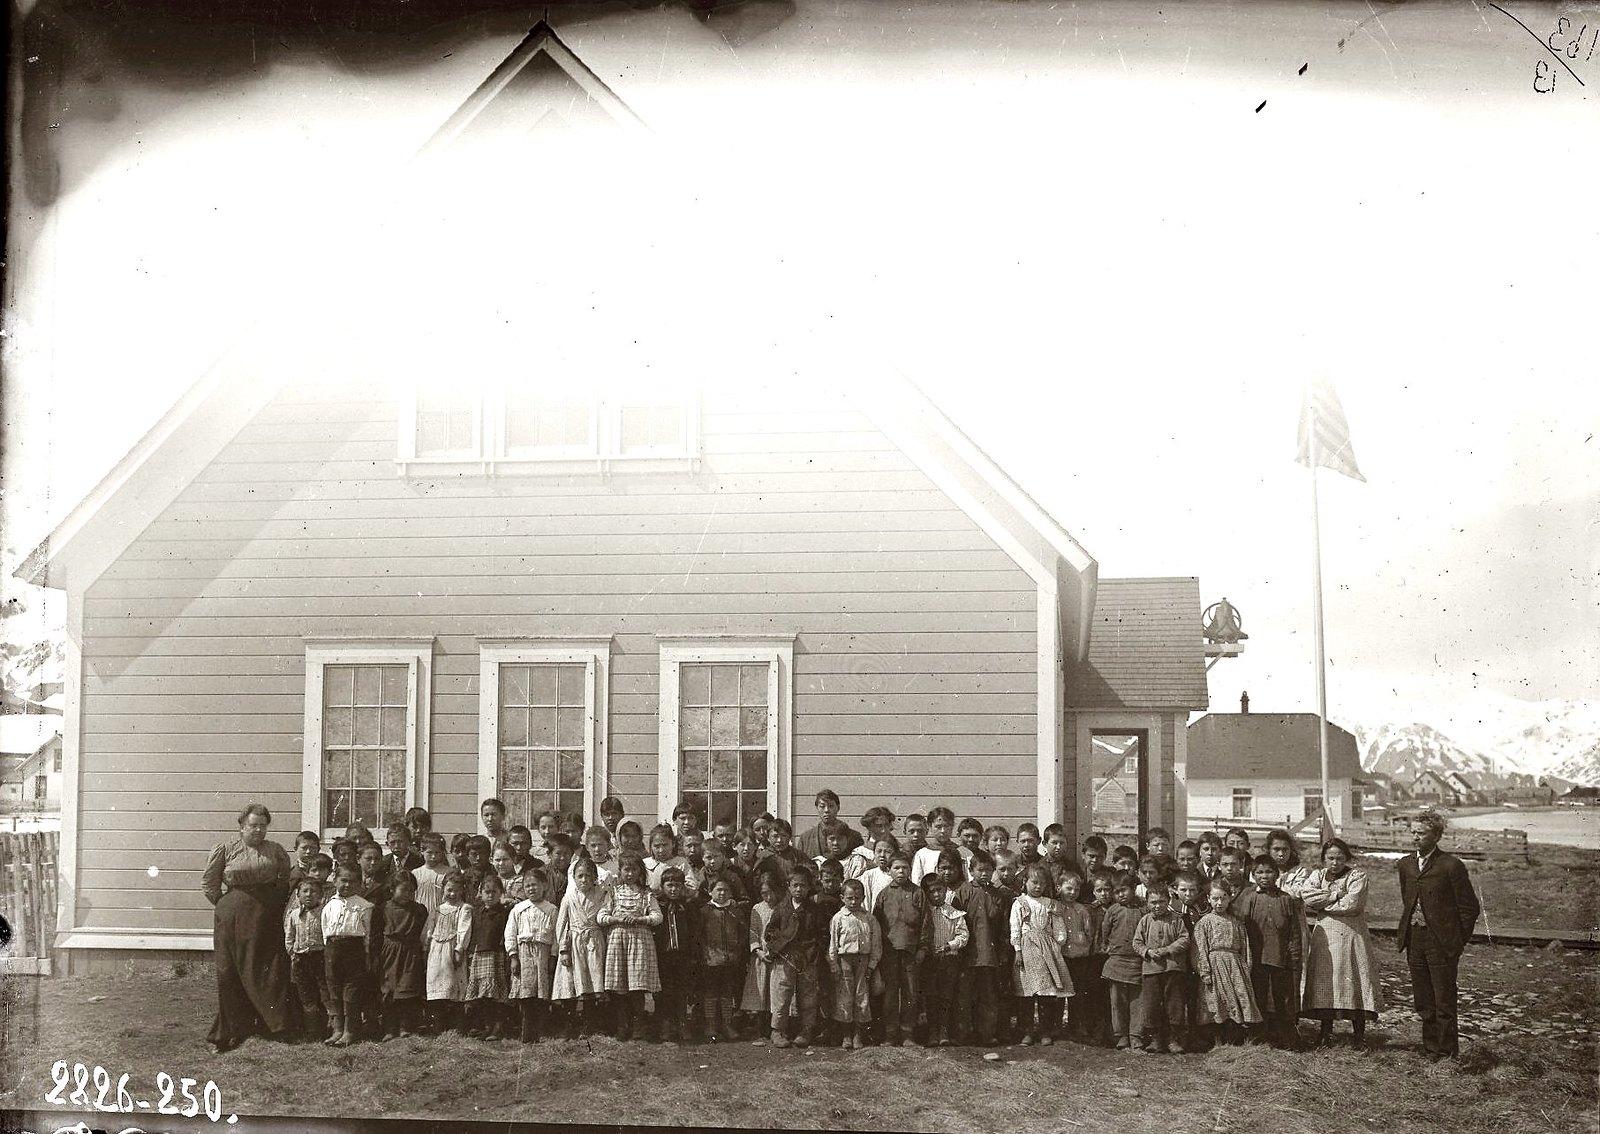 1909. 29 апреля. Американская народная школа в Уналашке. Уналашка остров, селение Уналашка.